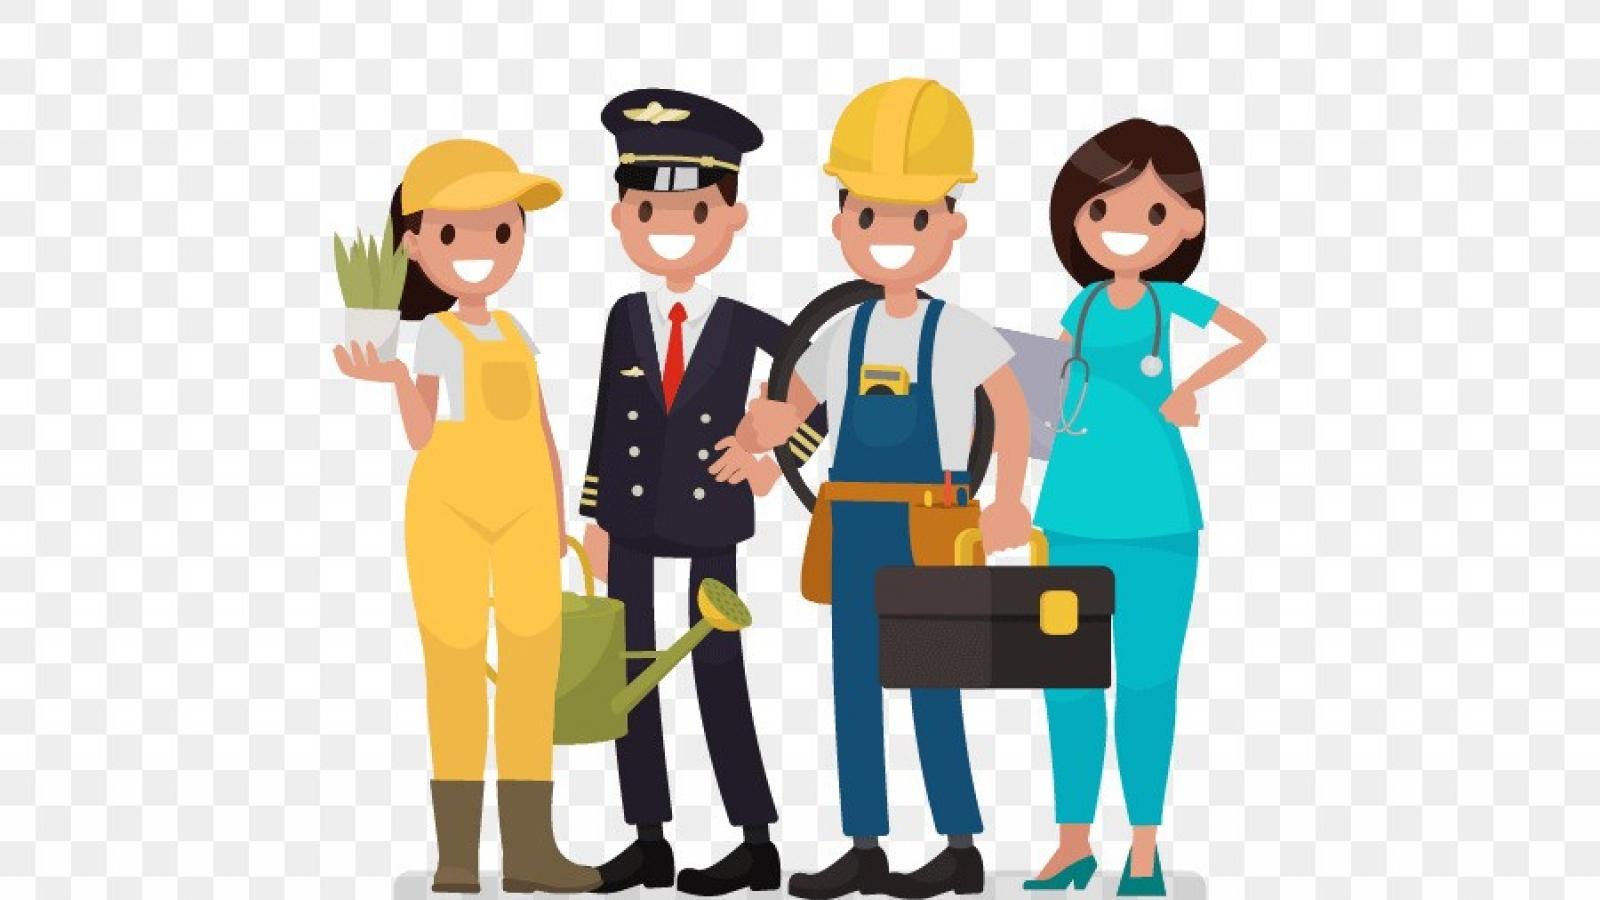 Những quy định trong Luật Lao động 2019 (áp dụng 1/2021) người lao động cần biết